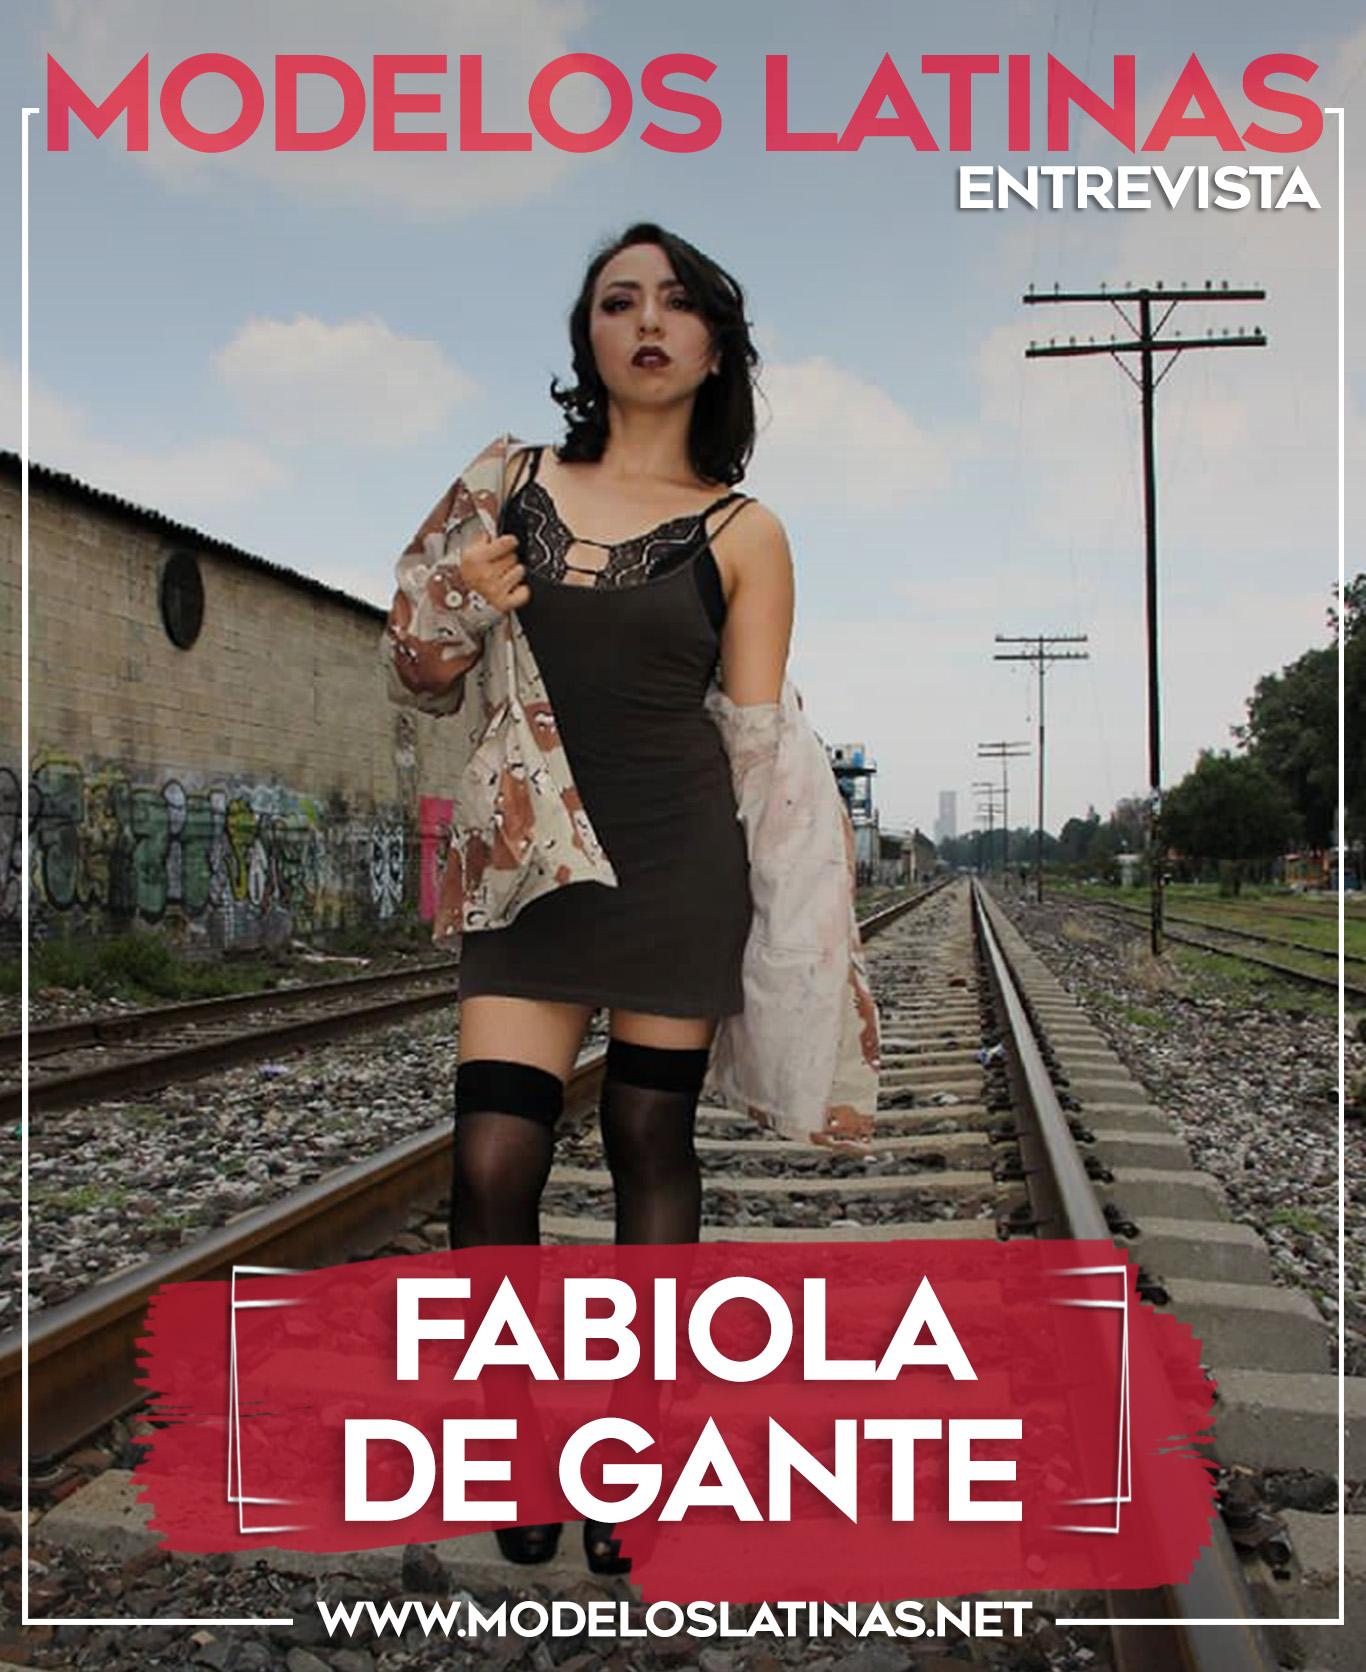 Fabiola De Gante